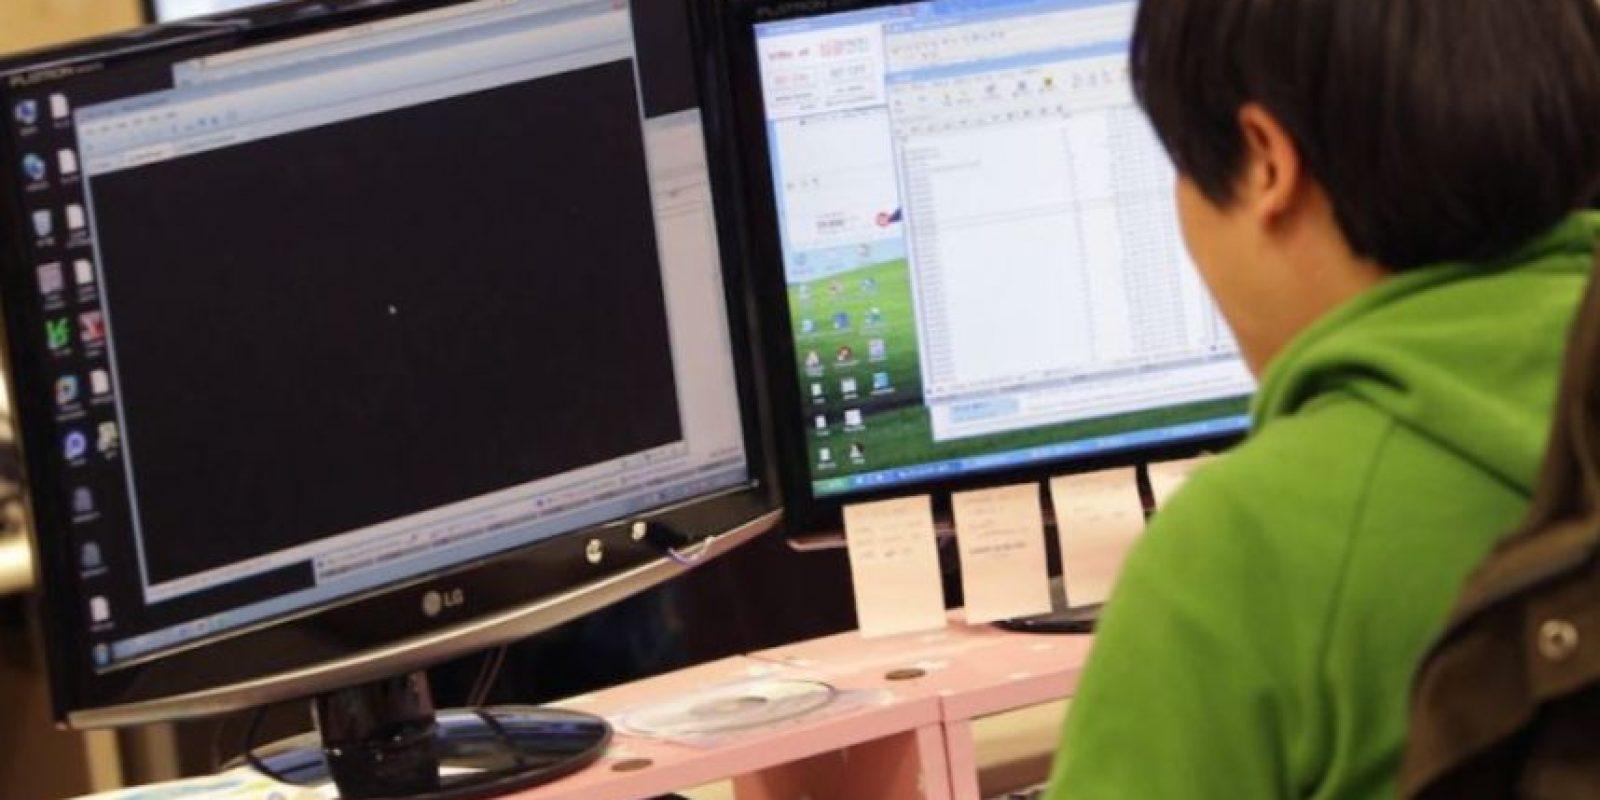 Instalar un antivirus ayudará a evitar infecciones de software malicioso. Foto:Getty Images